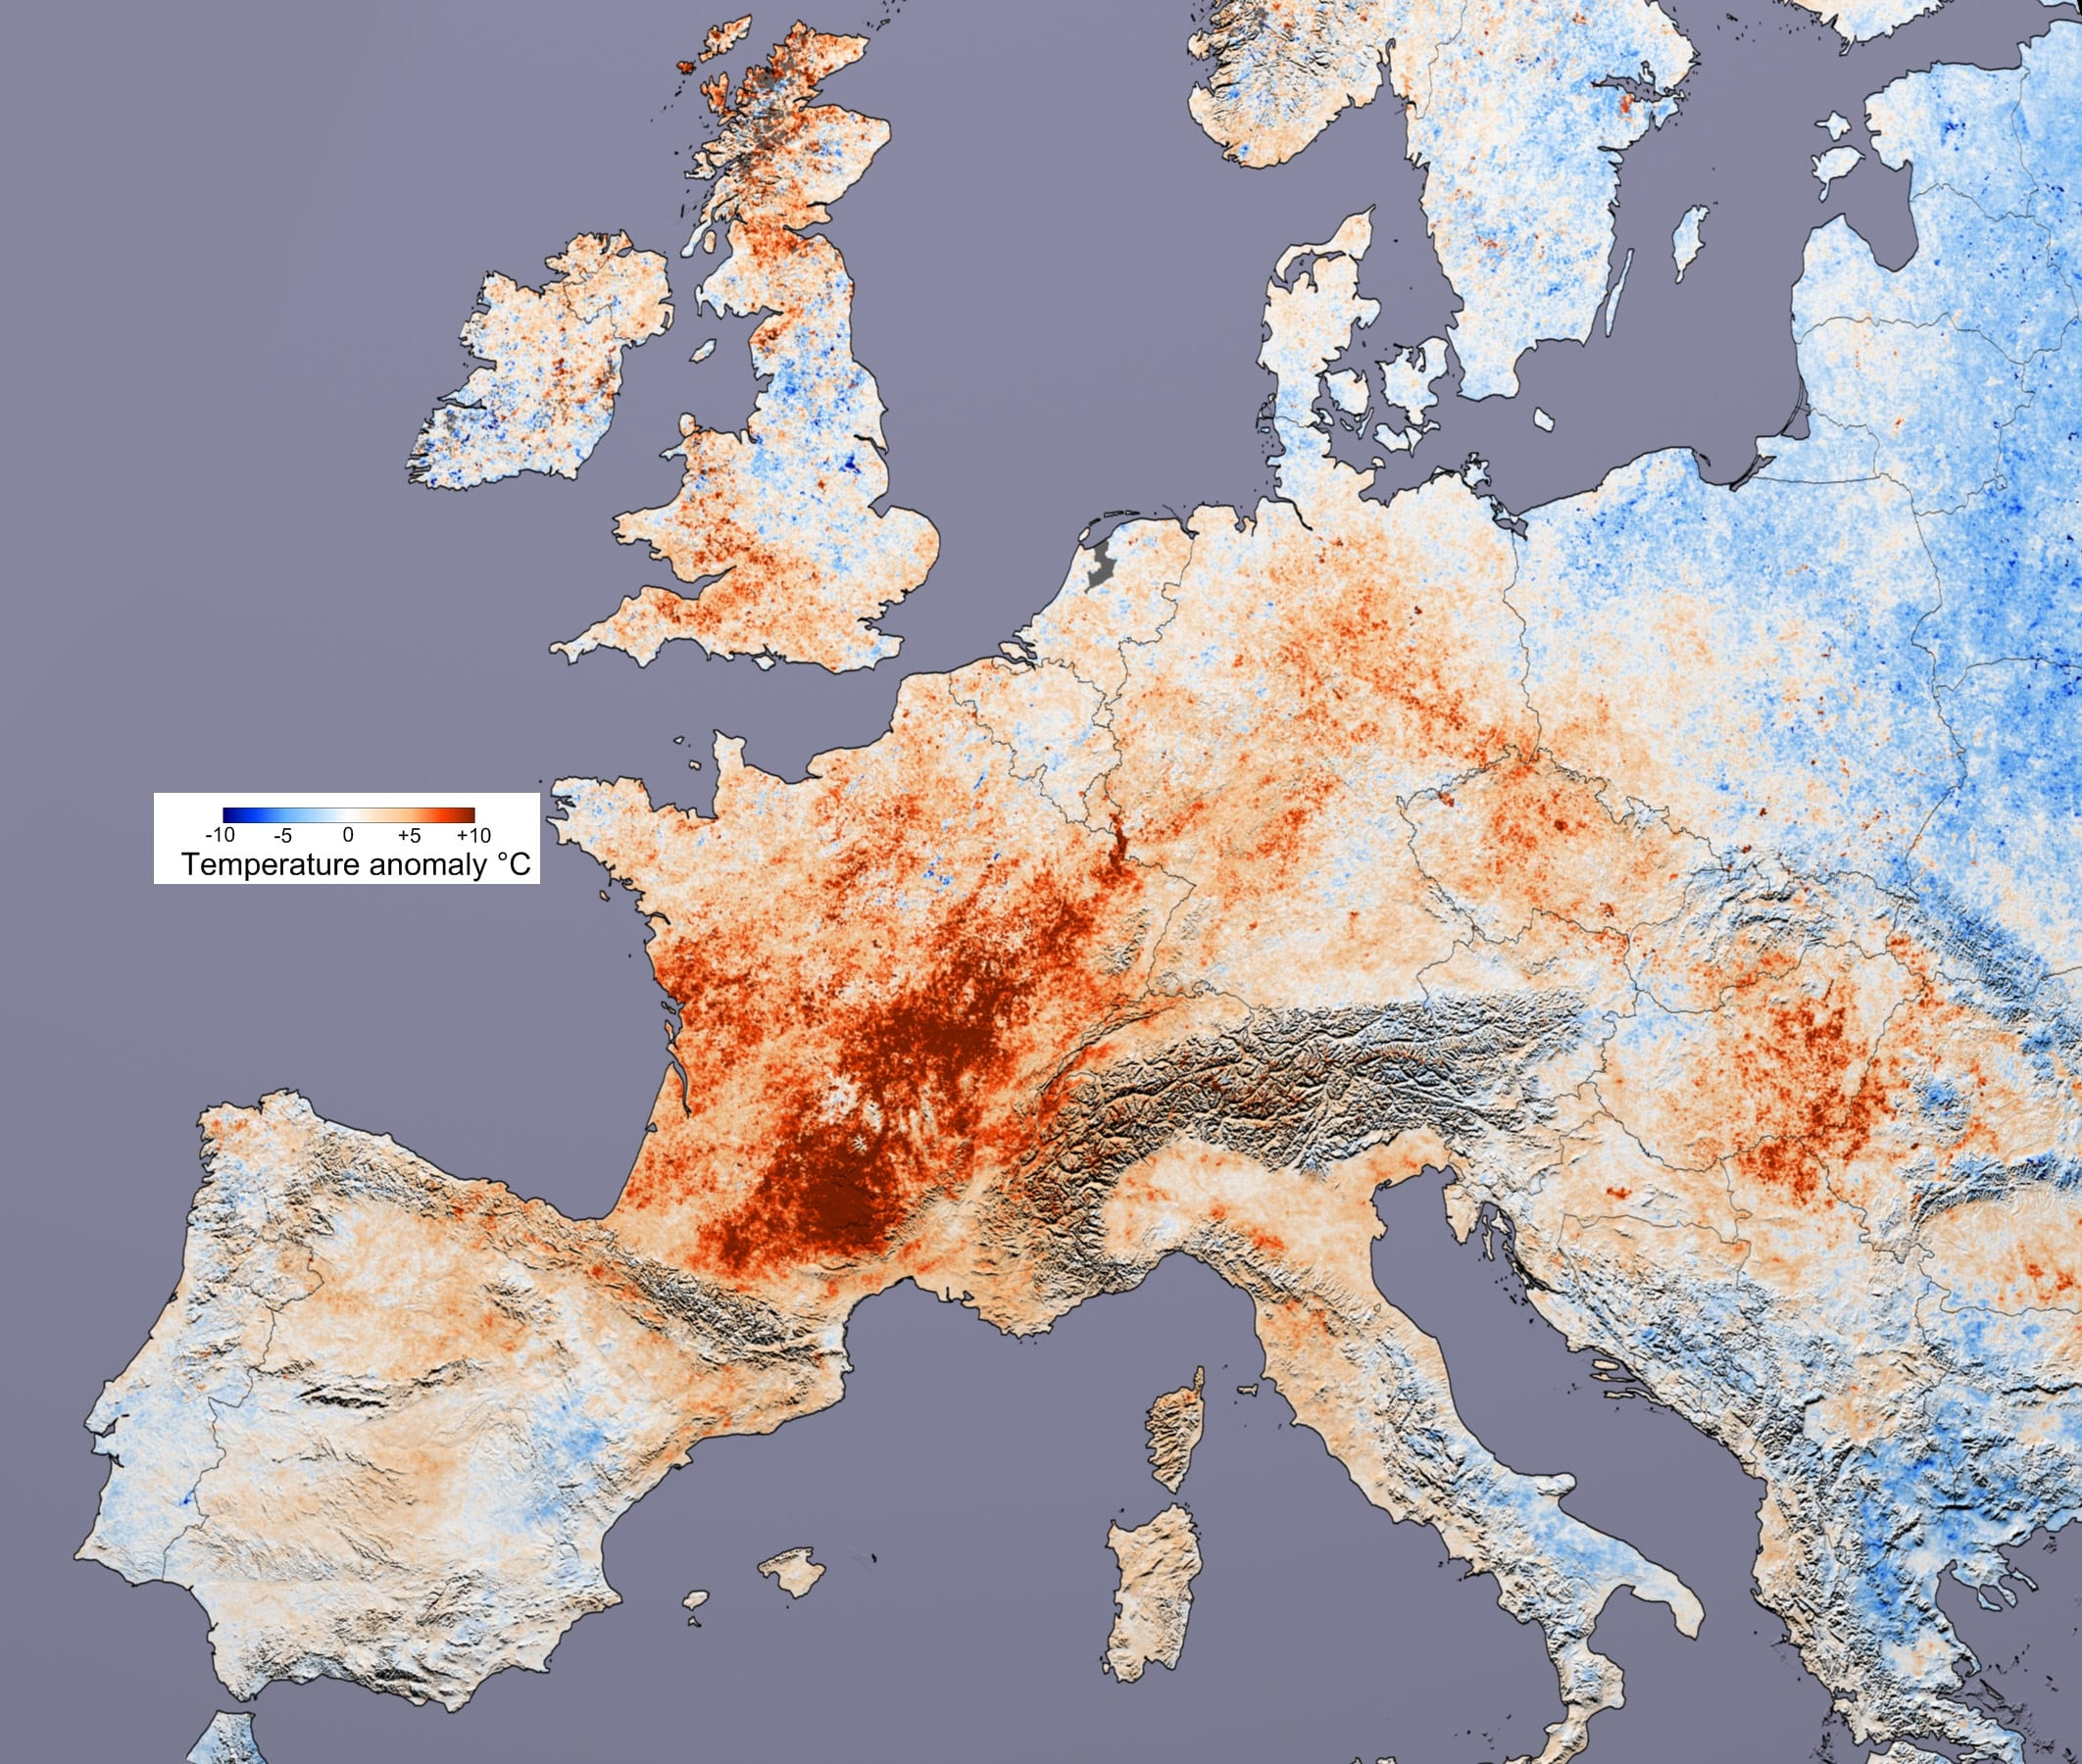 Ola de calor en Europa, el año 2003